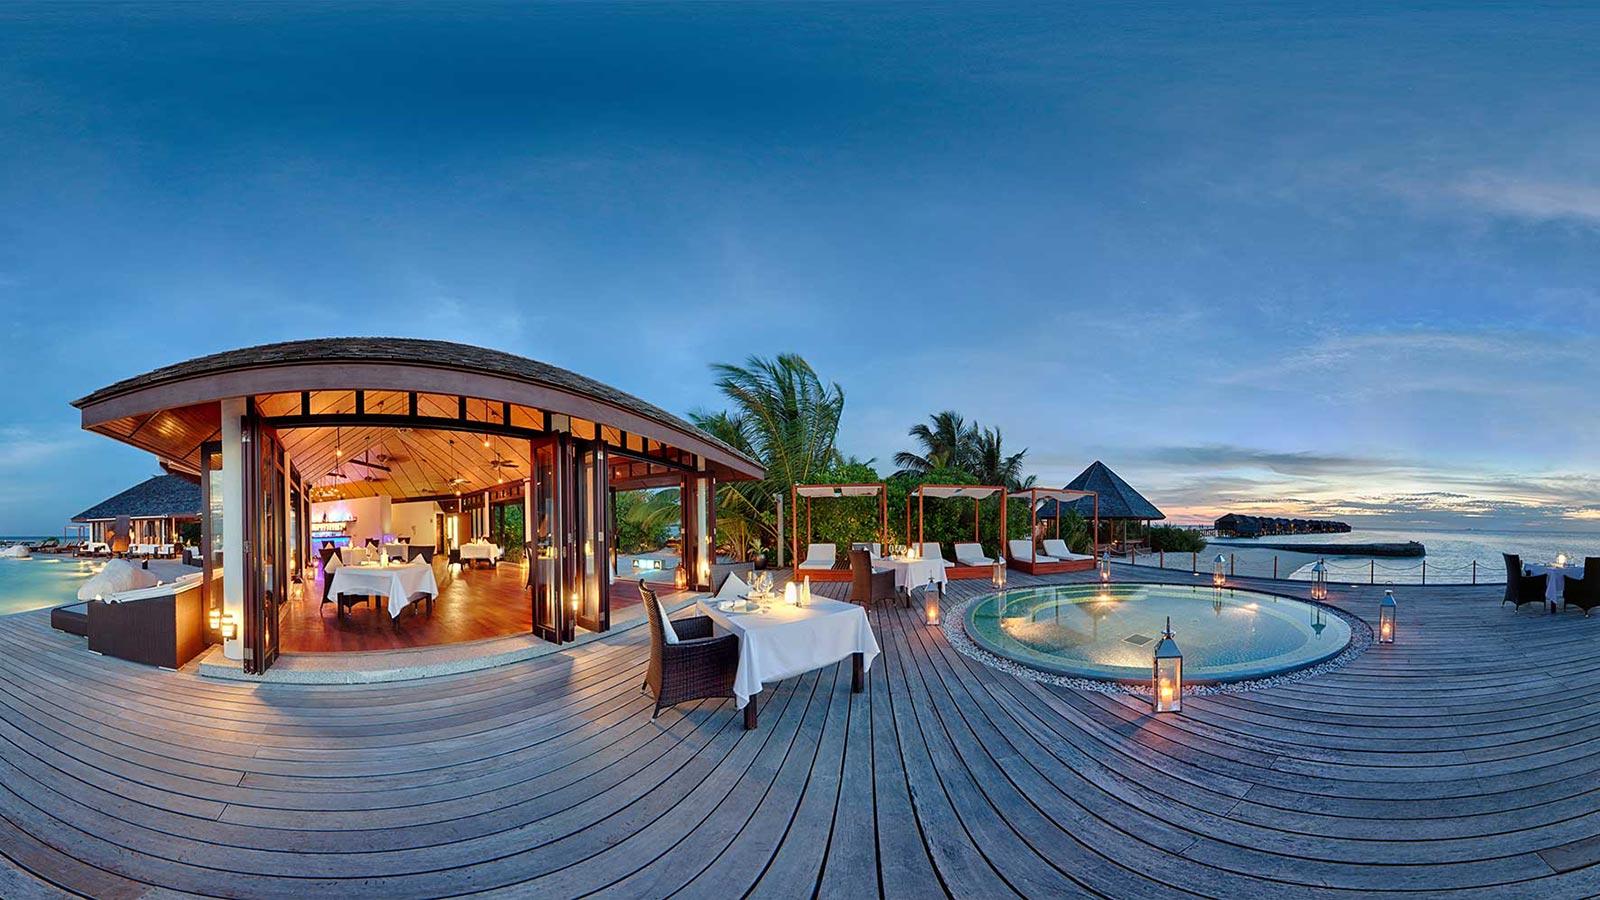 Les Turquoise des Aqua Lily Beach Maldives 360 Tour